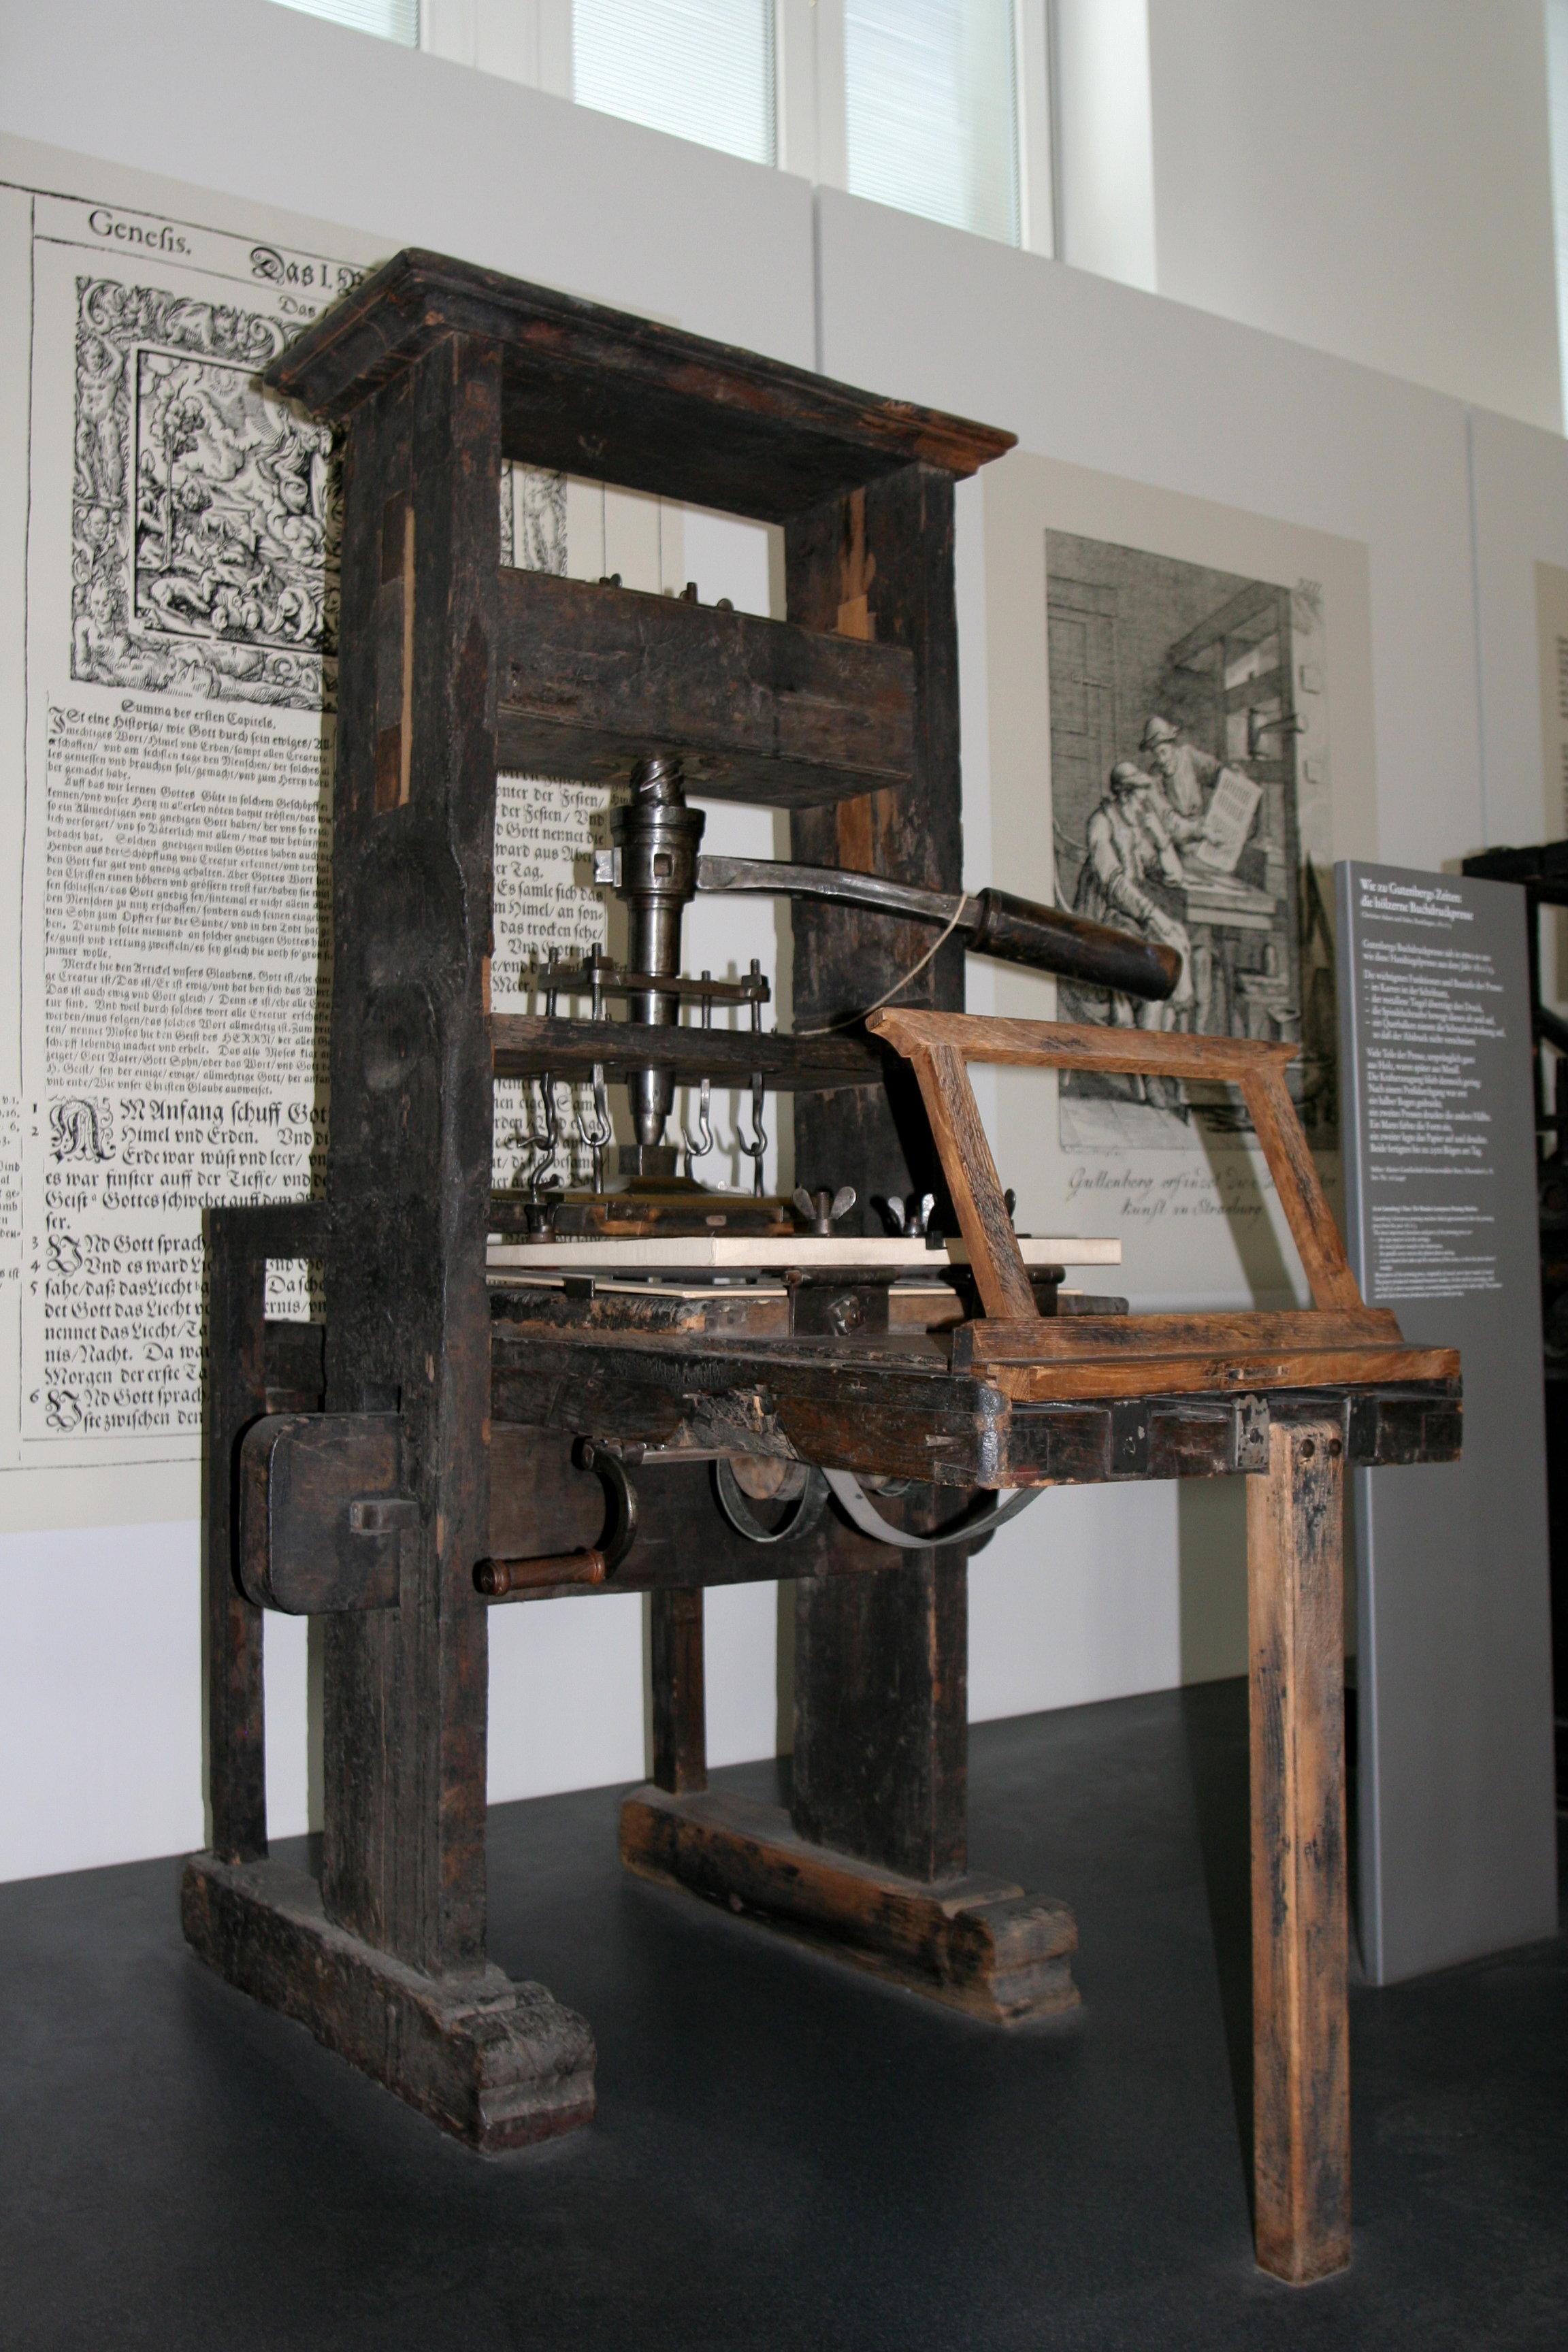 http://upload.wikimedia.org/wikipedia/commons/1/17/Handtiegelpresse_von_1811.jpg